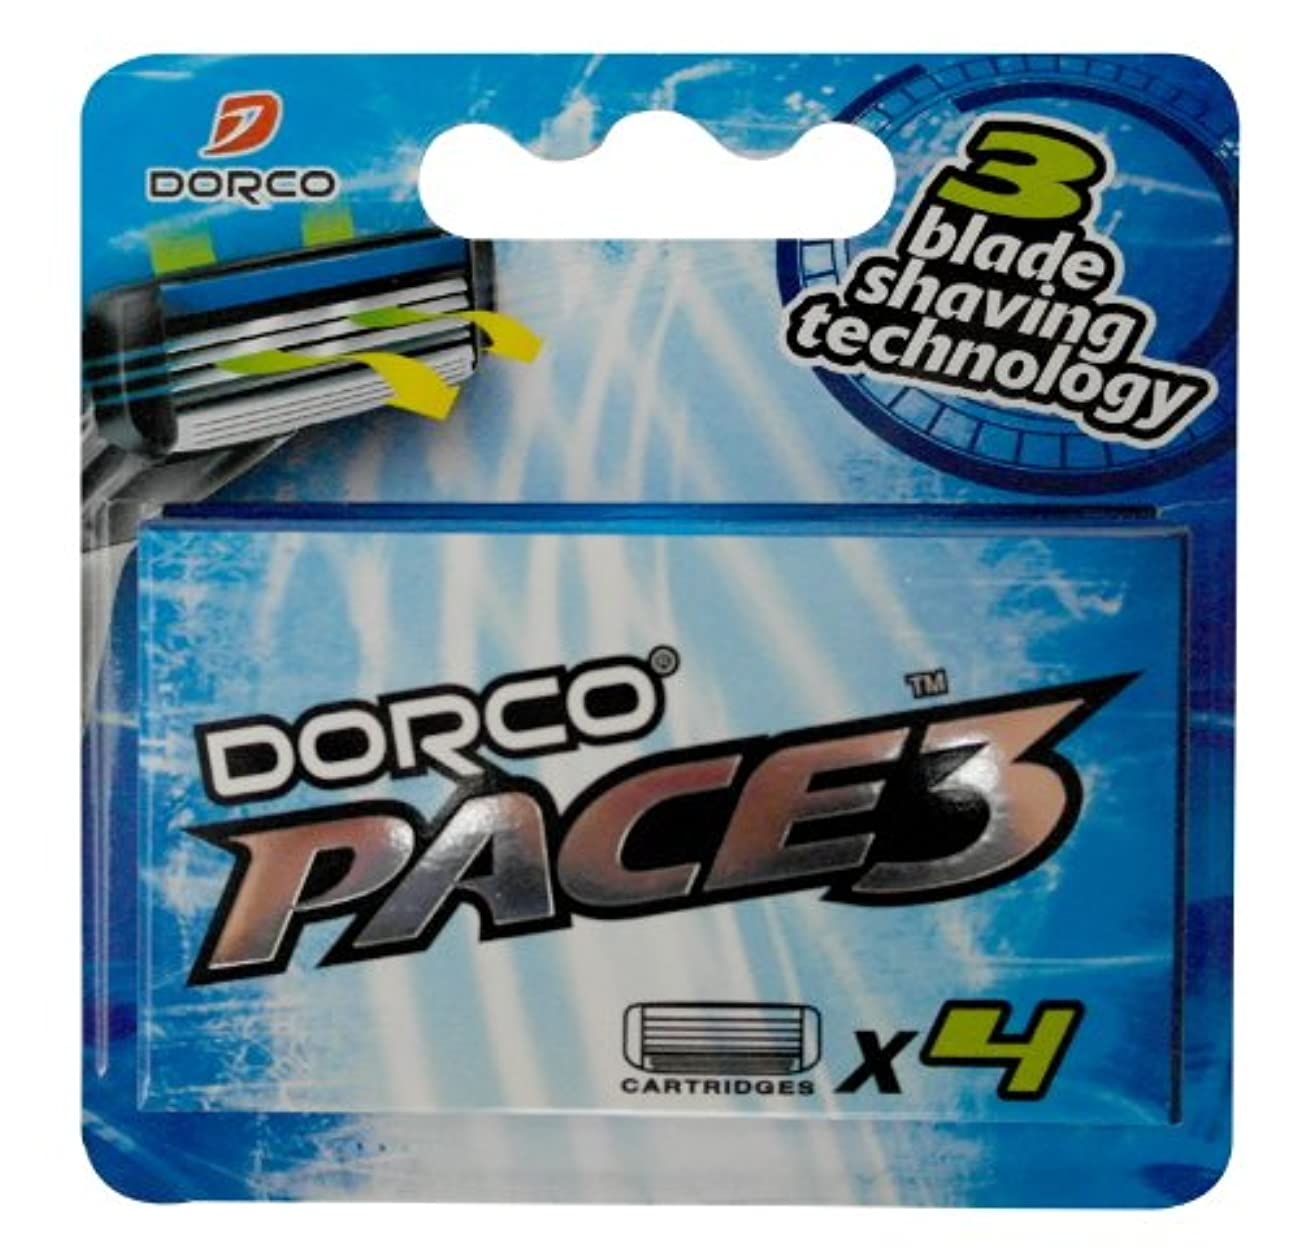 息子長椅子喉が渇いたDORCO ドルコ PACE3 男性用替刃式 カミソリ3枚刃 替え刃